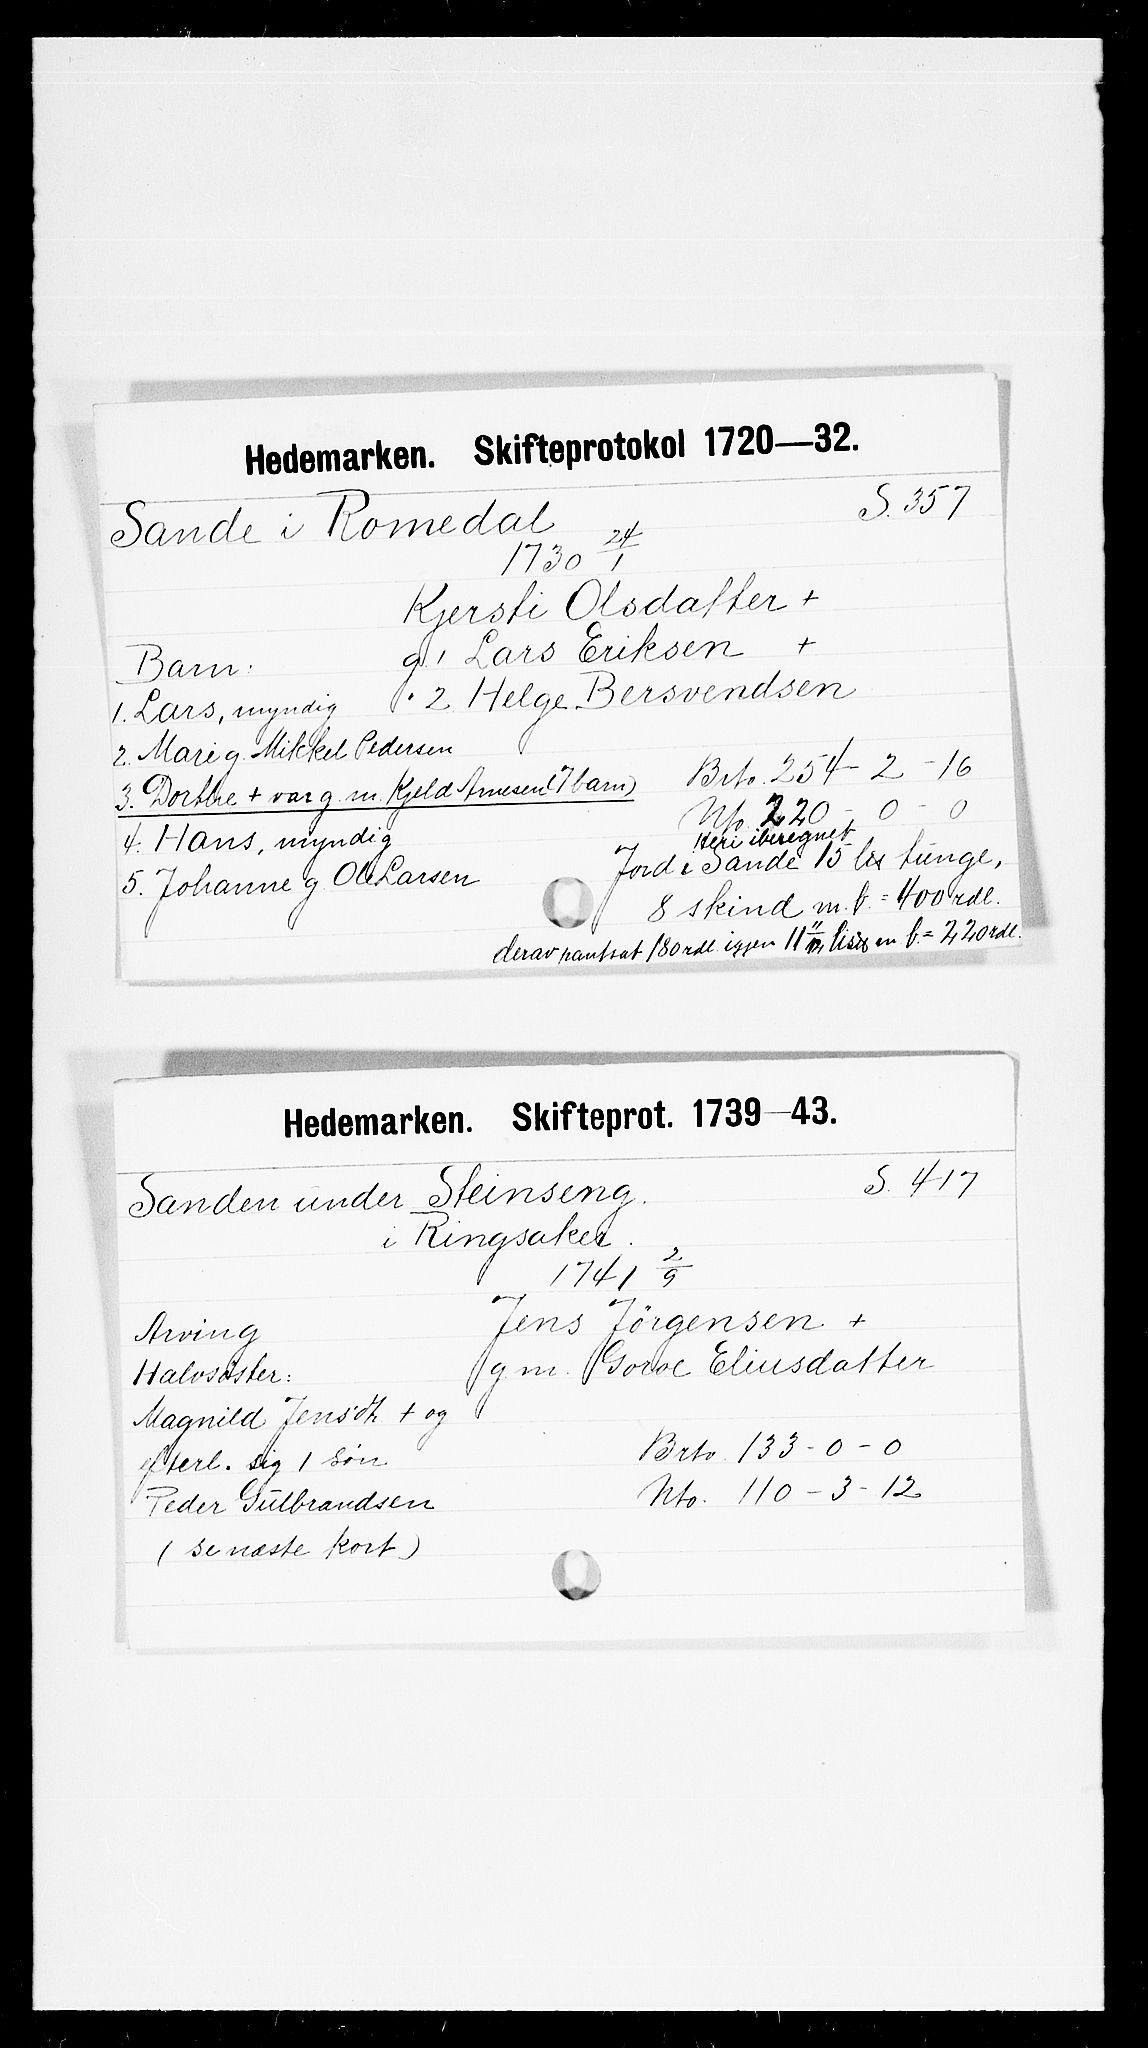 SAH, Hedemarken sorenskriveri, J, 1663-1743, s. 5385